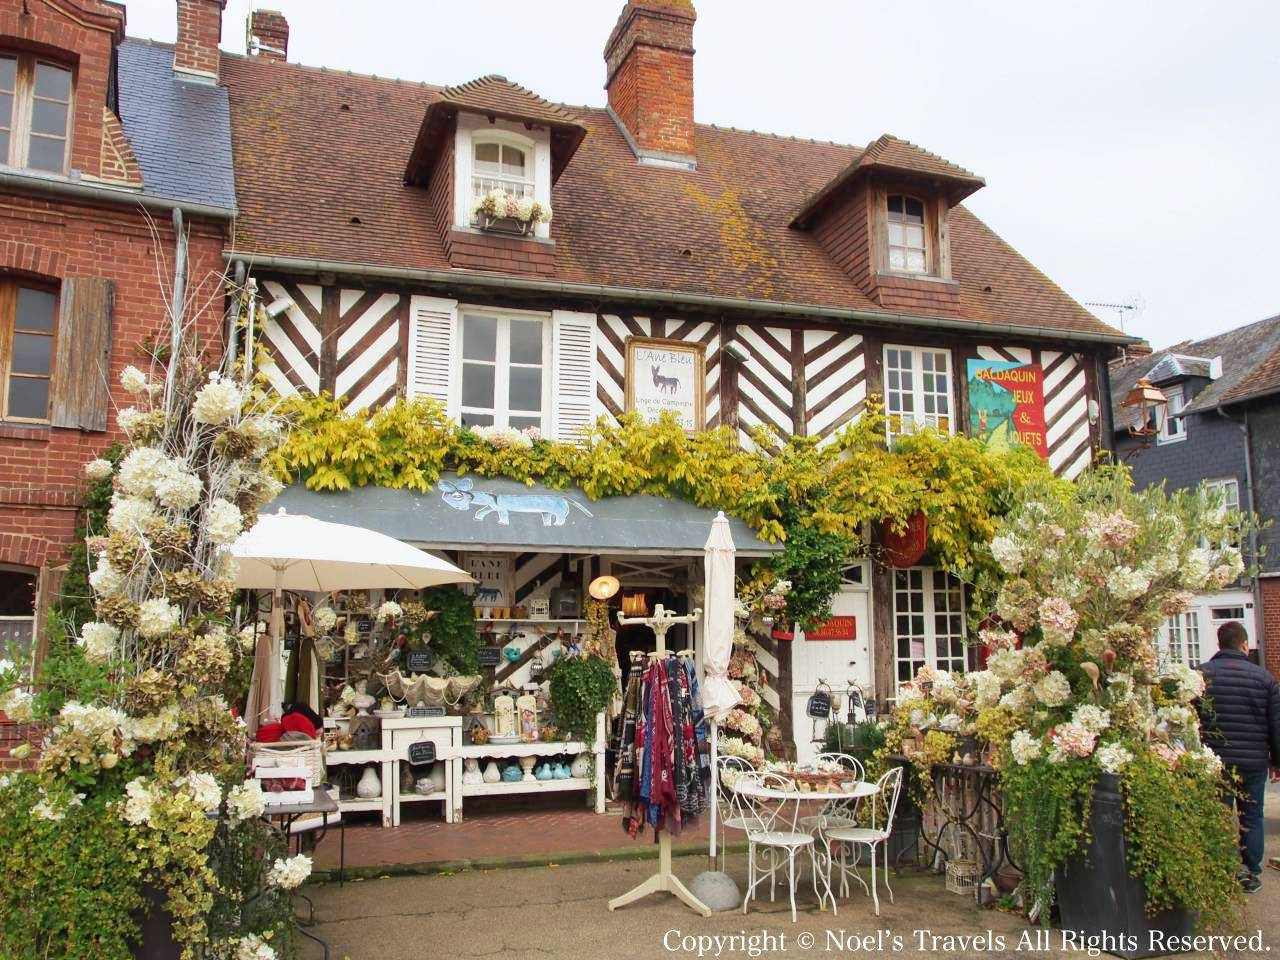 フランスで最も美しい村のひとつ「ブブロン村」